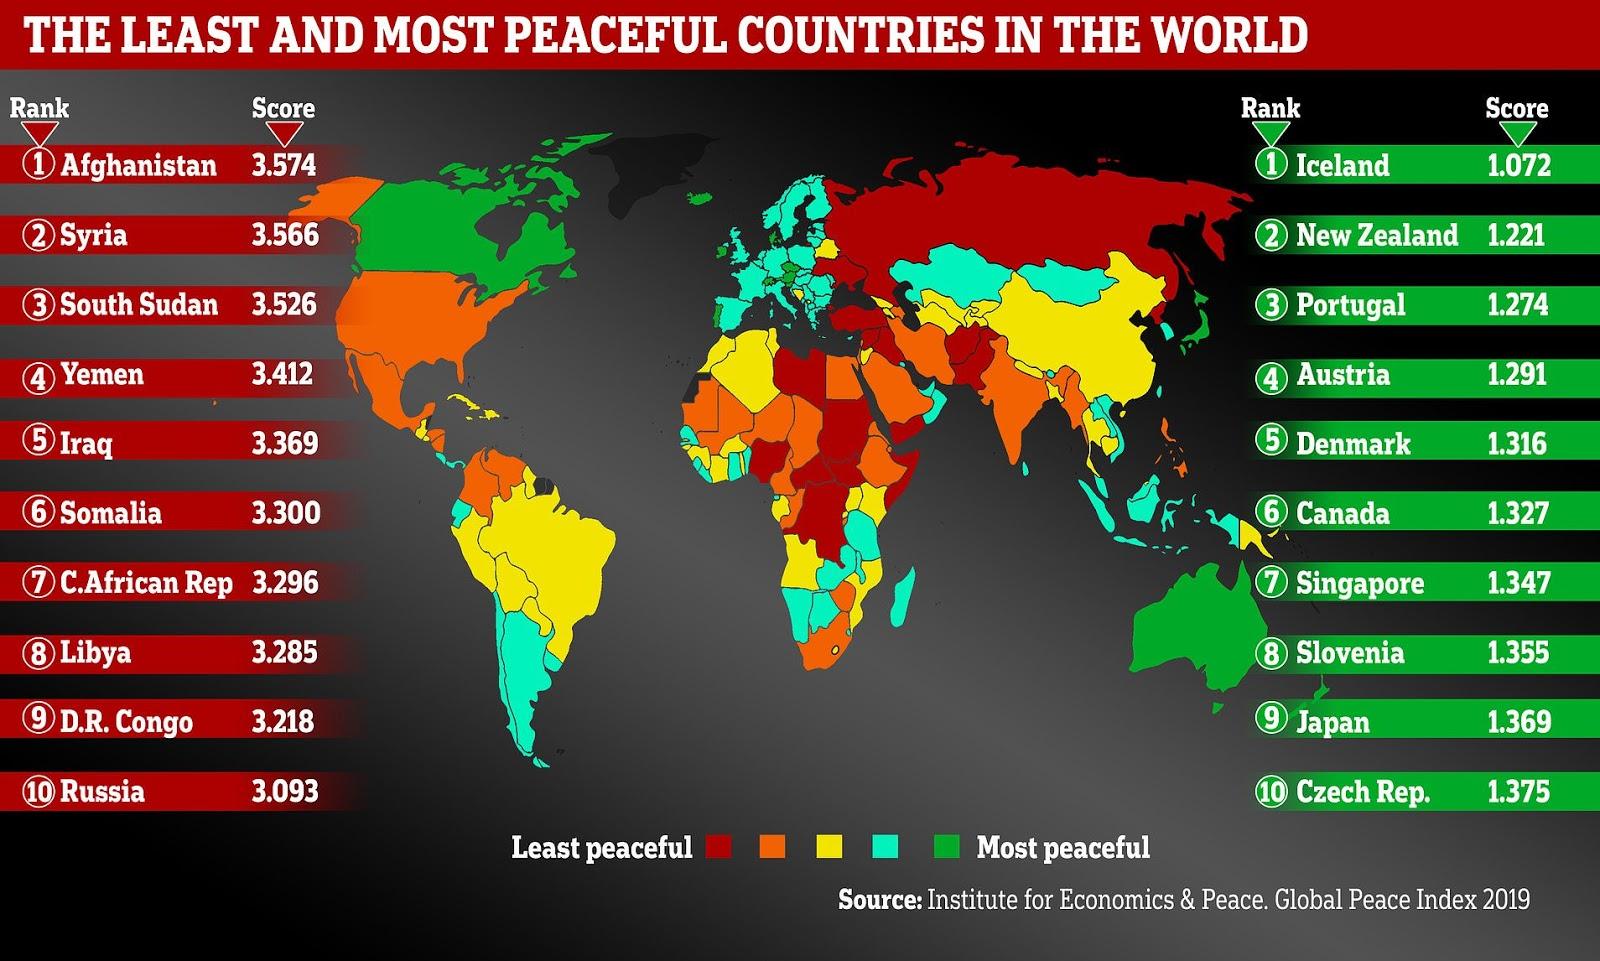 страна занимающая 3 место в мире